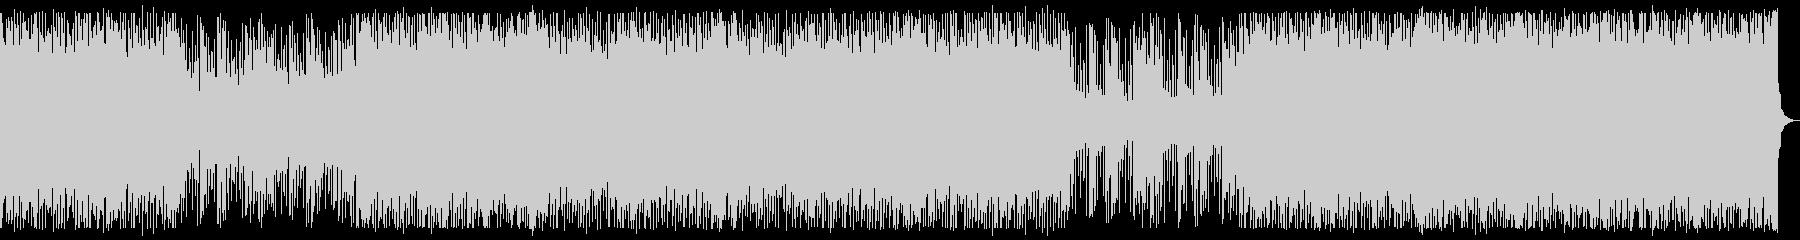 電子/疾走感/ロック_No358_1の未再生の波形